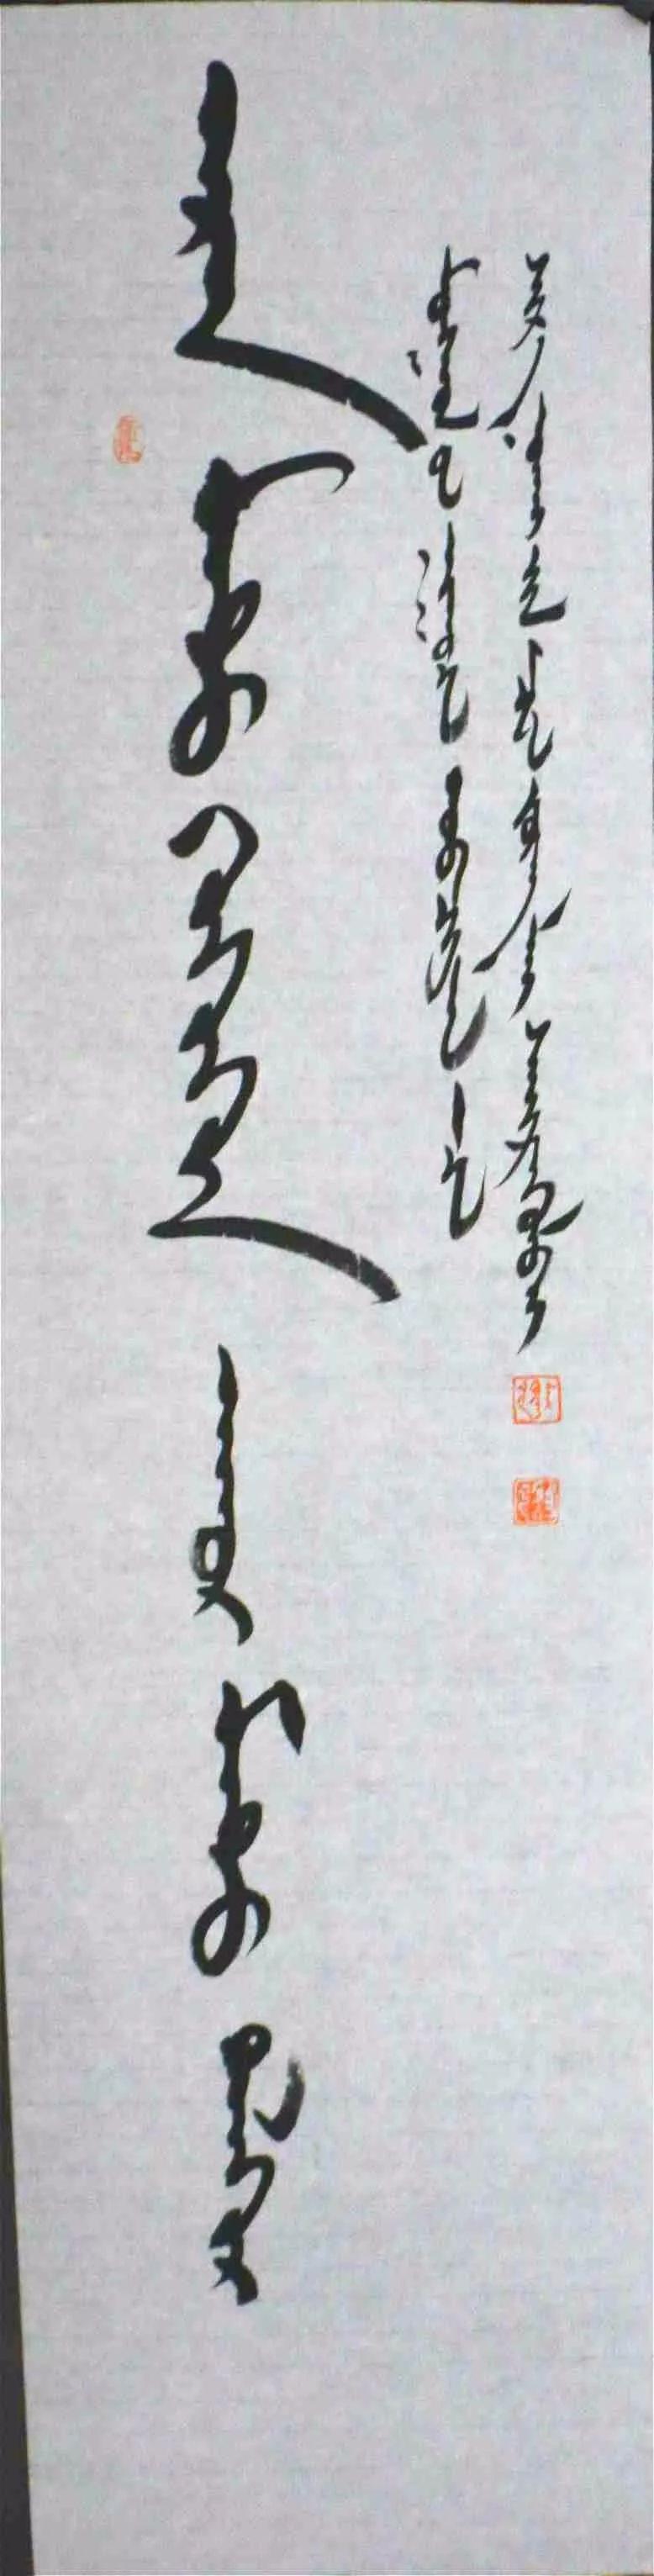 【好看】陈忠来书法作品欣赏 第19张 【好看】陈忠来书法作品欣赏 蒙古书法